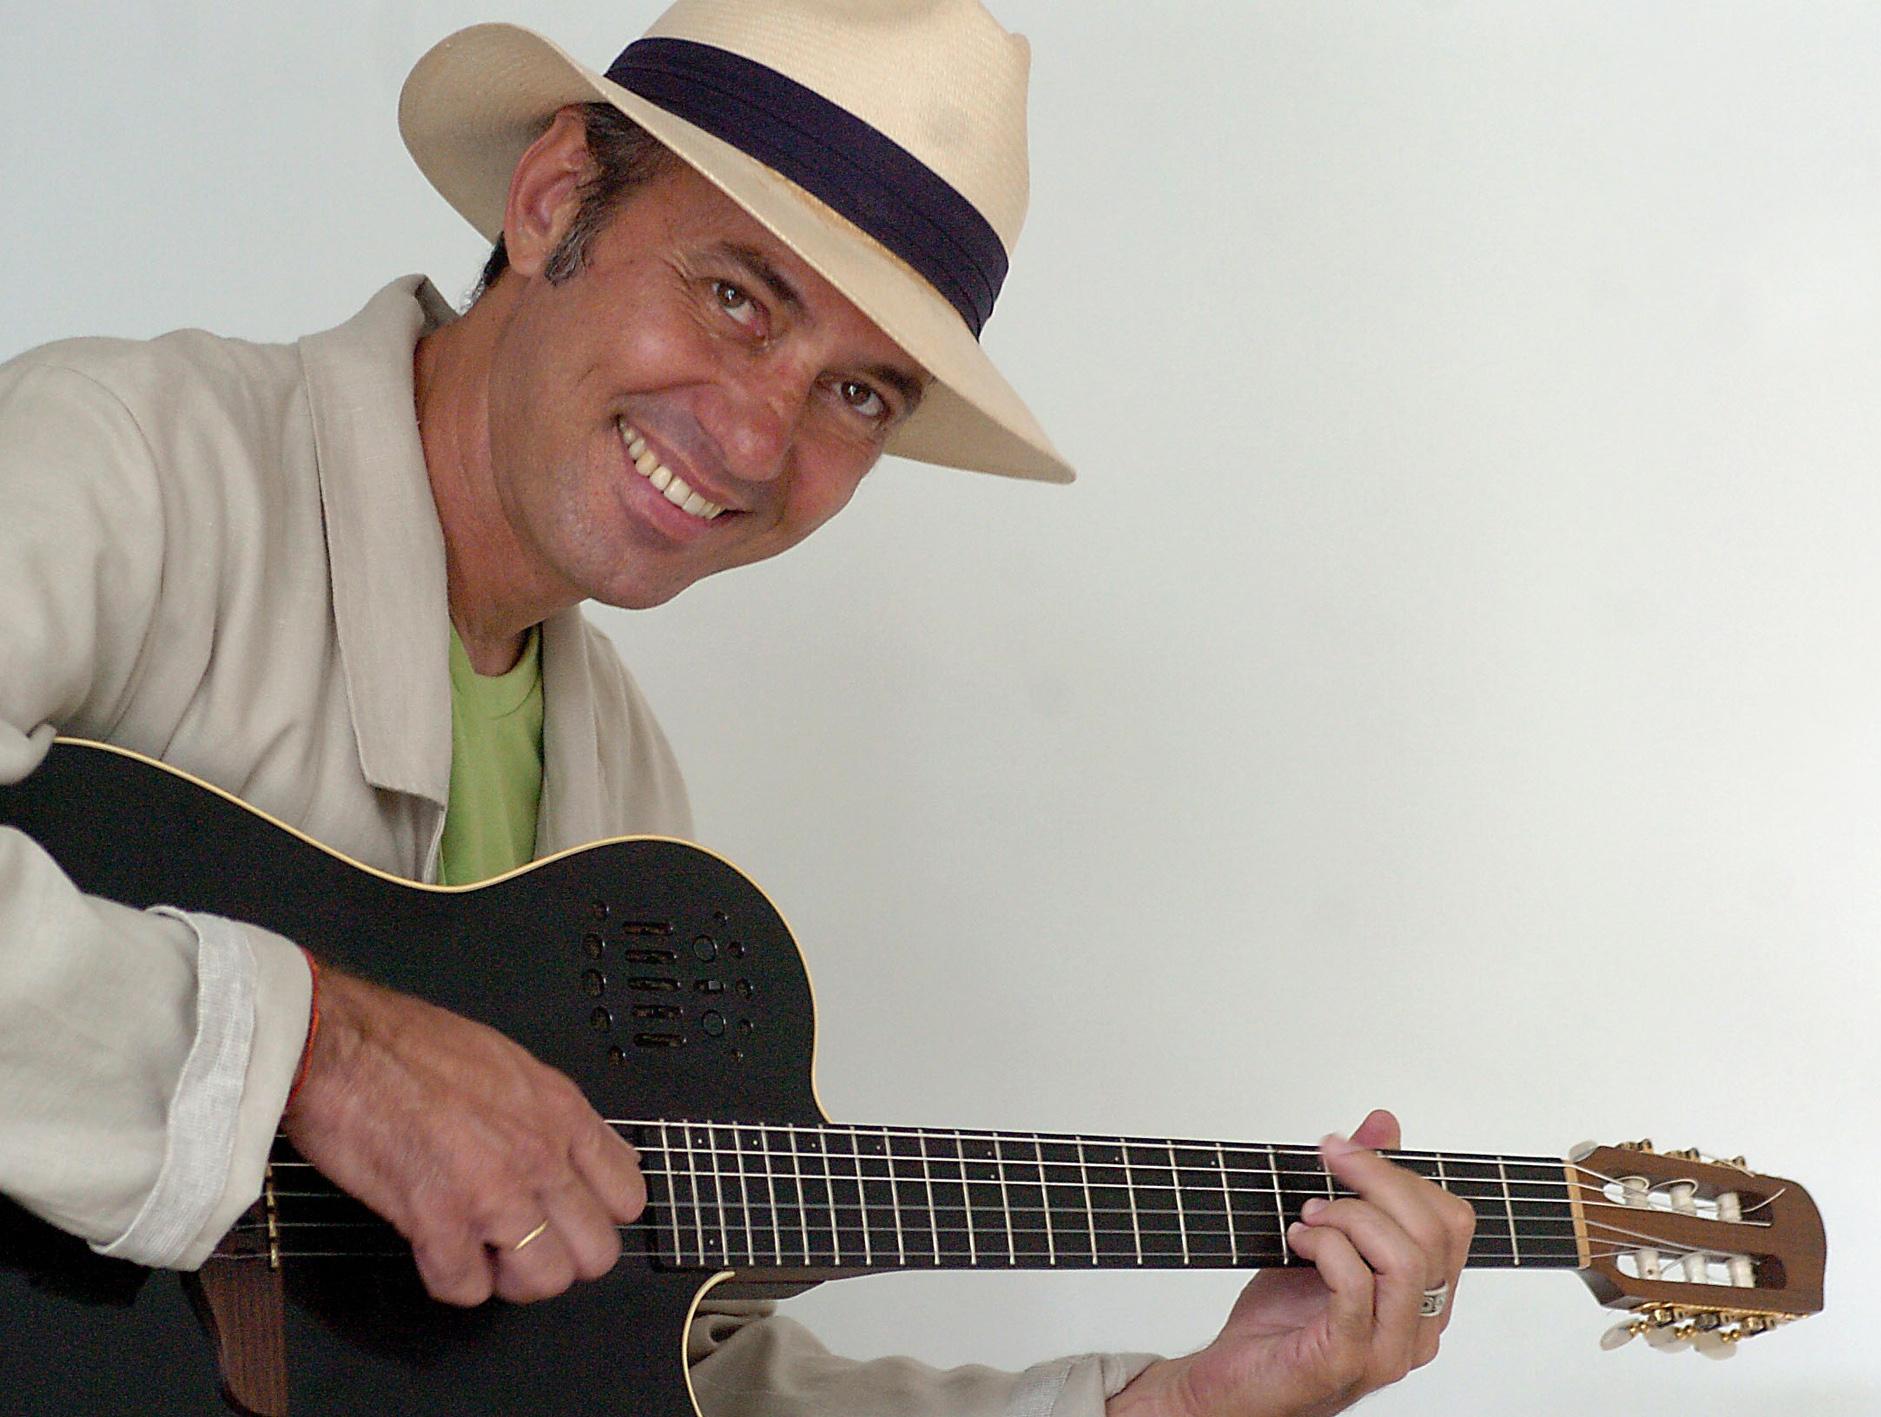 http://www.geraldomaia.com.br/imagens/alta/Geraldo_Maia_05.jpg